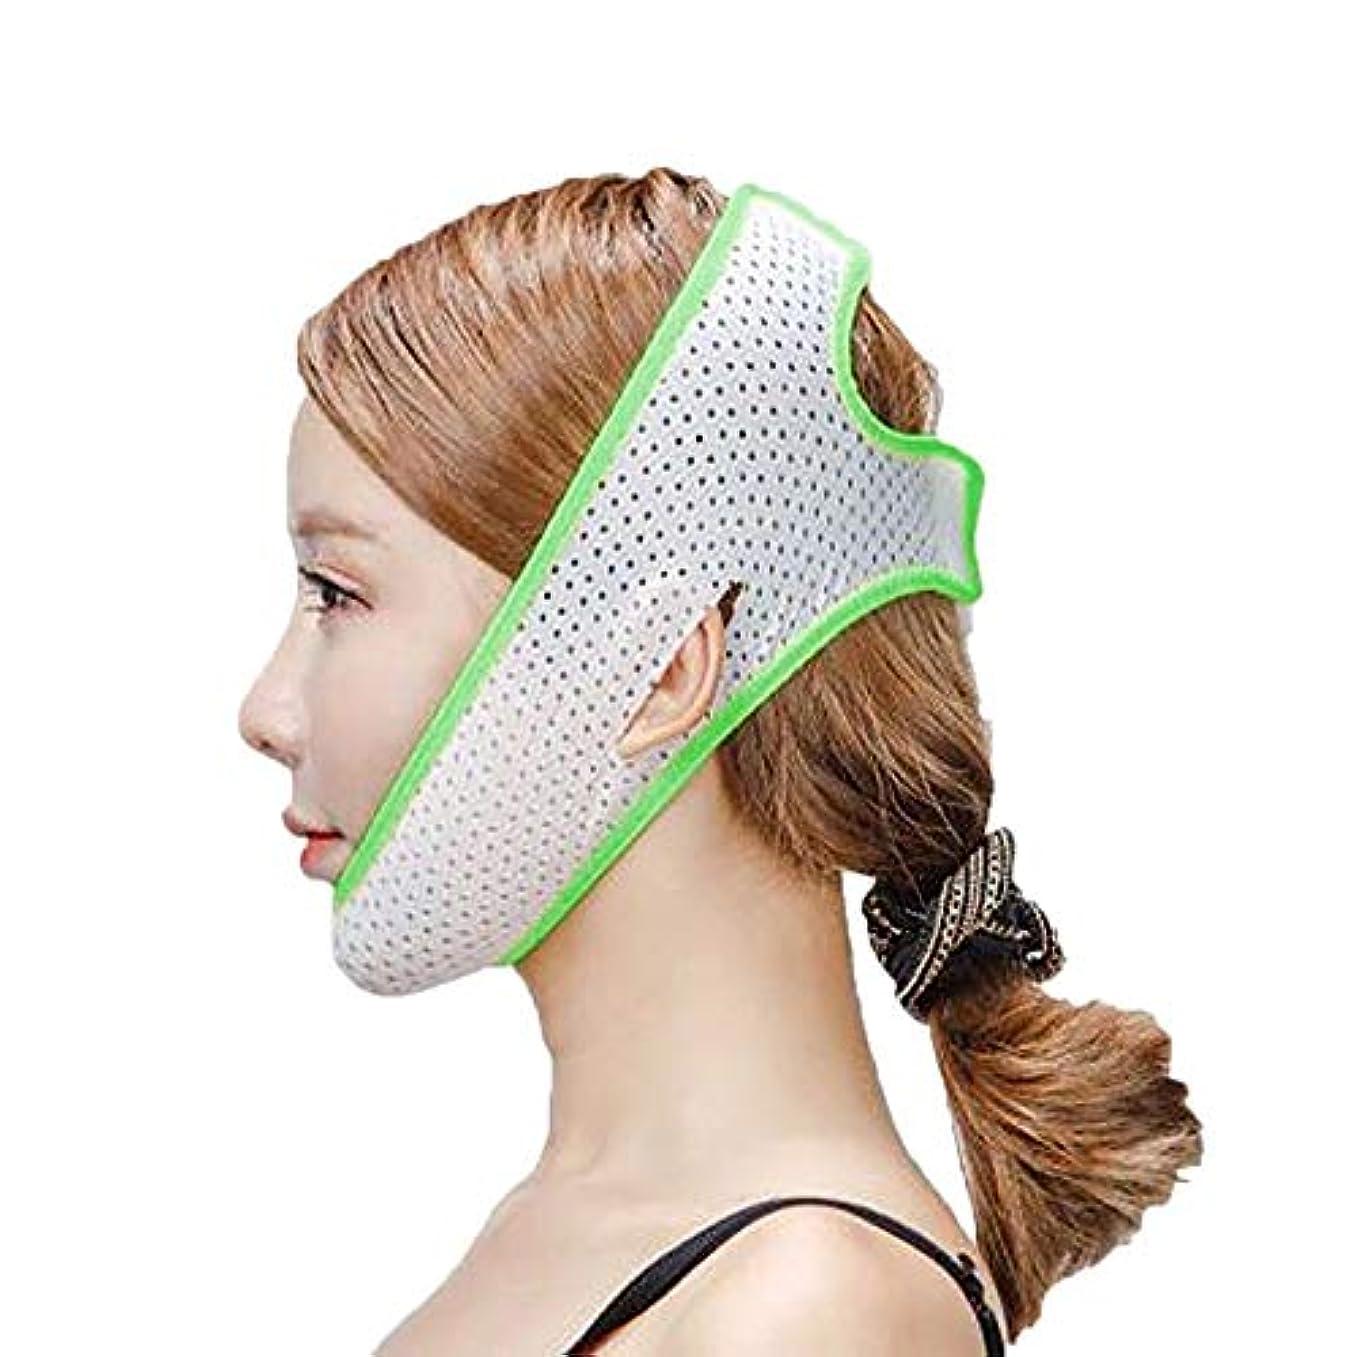 ガイダンス白内障ナインへXHLMRMJ フェイスリフトマスク、ダブルチンストラップ、フェイシャル減量マスク、フェイシャルダブルチンケアスリミングマスク、リンクルマスク(フリーサイズ) (Color : Green)